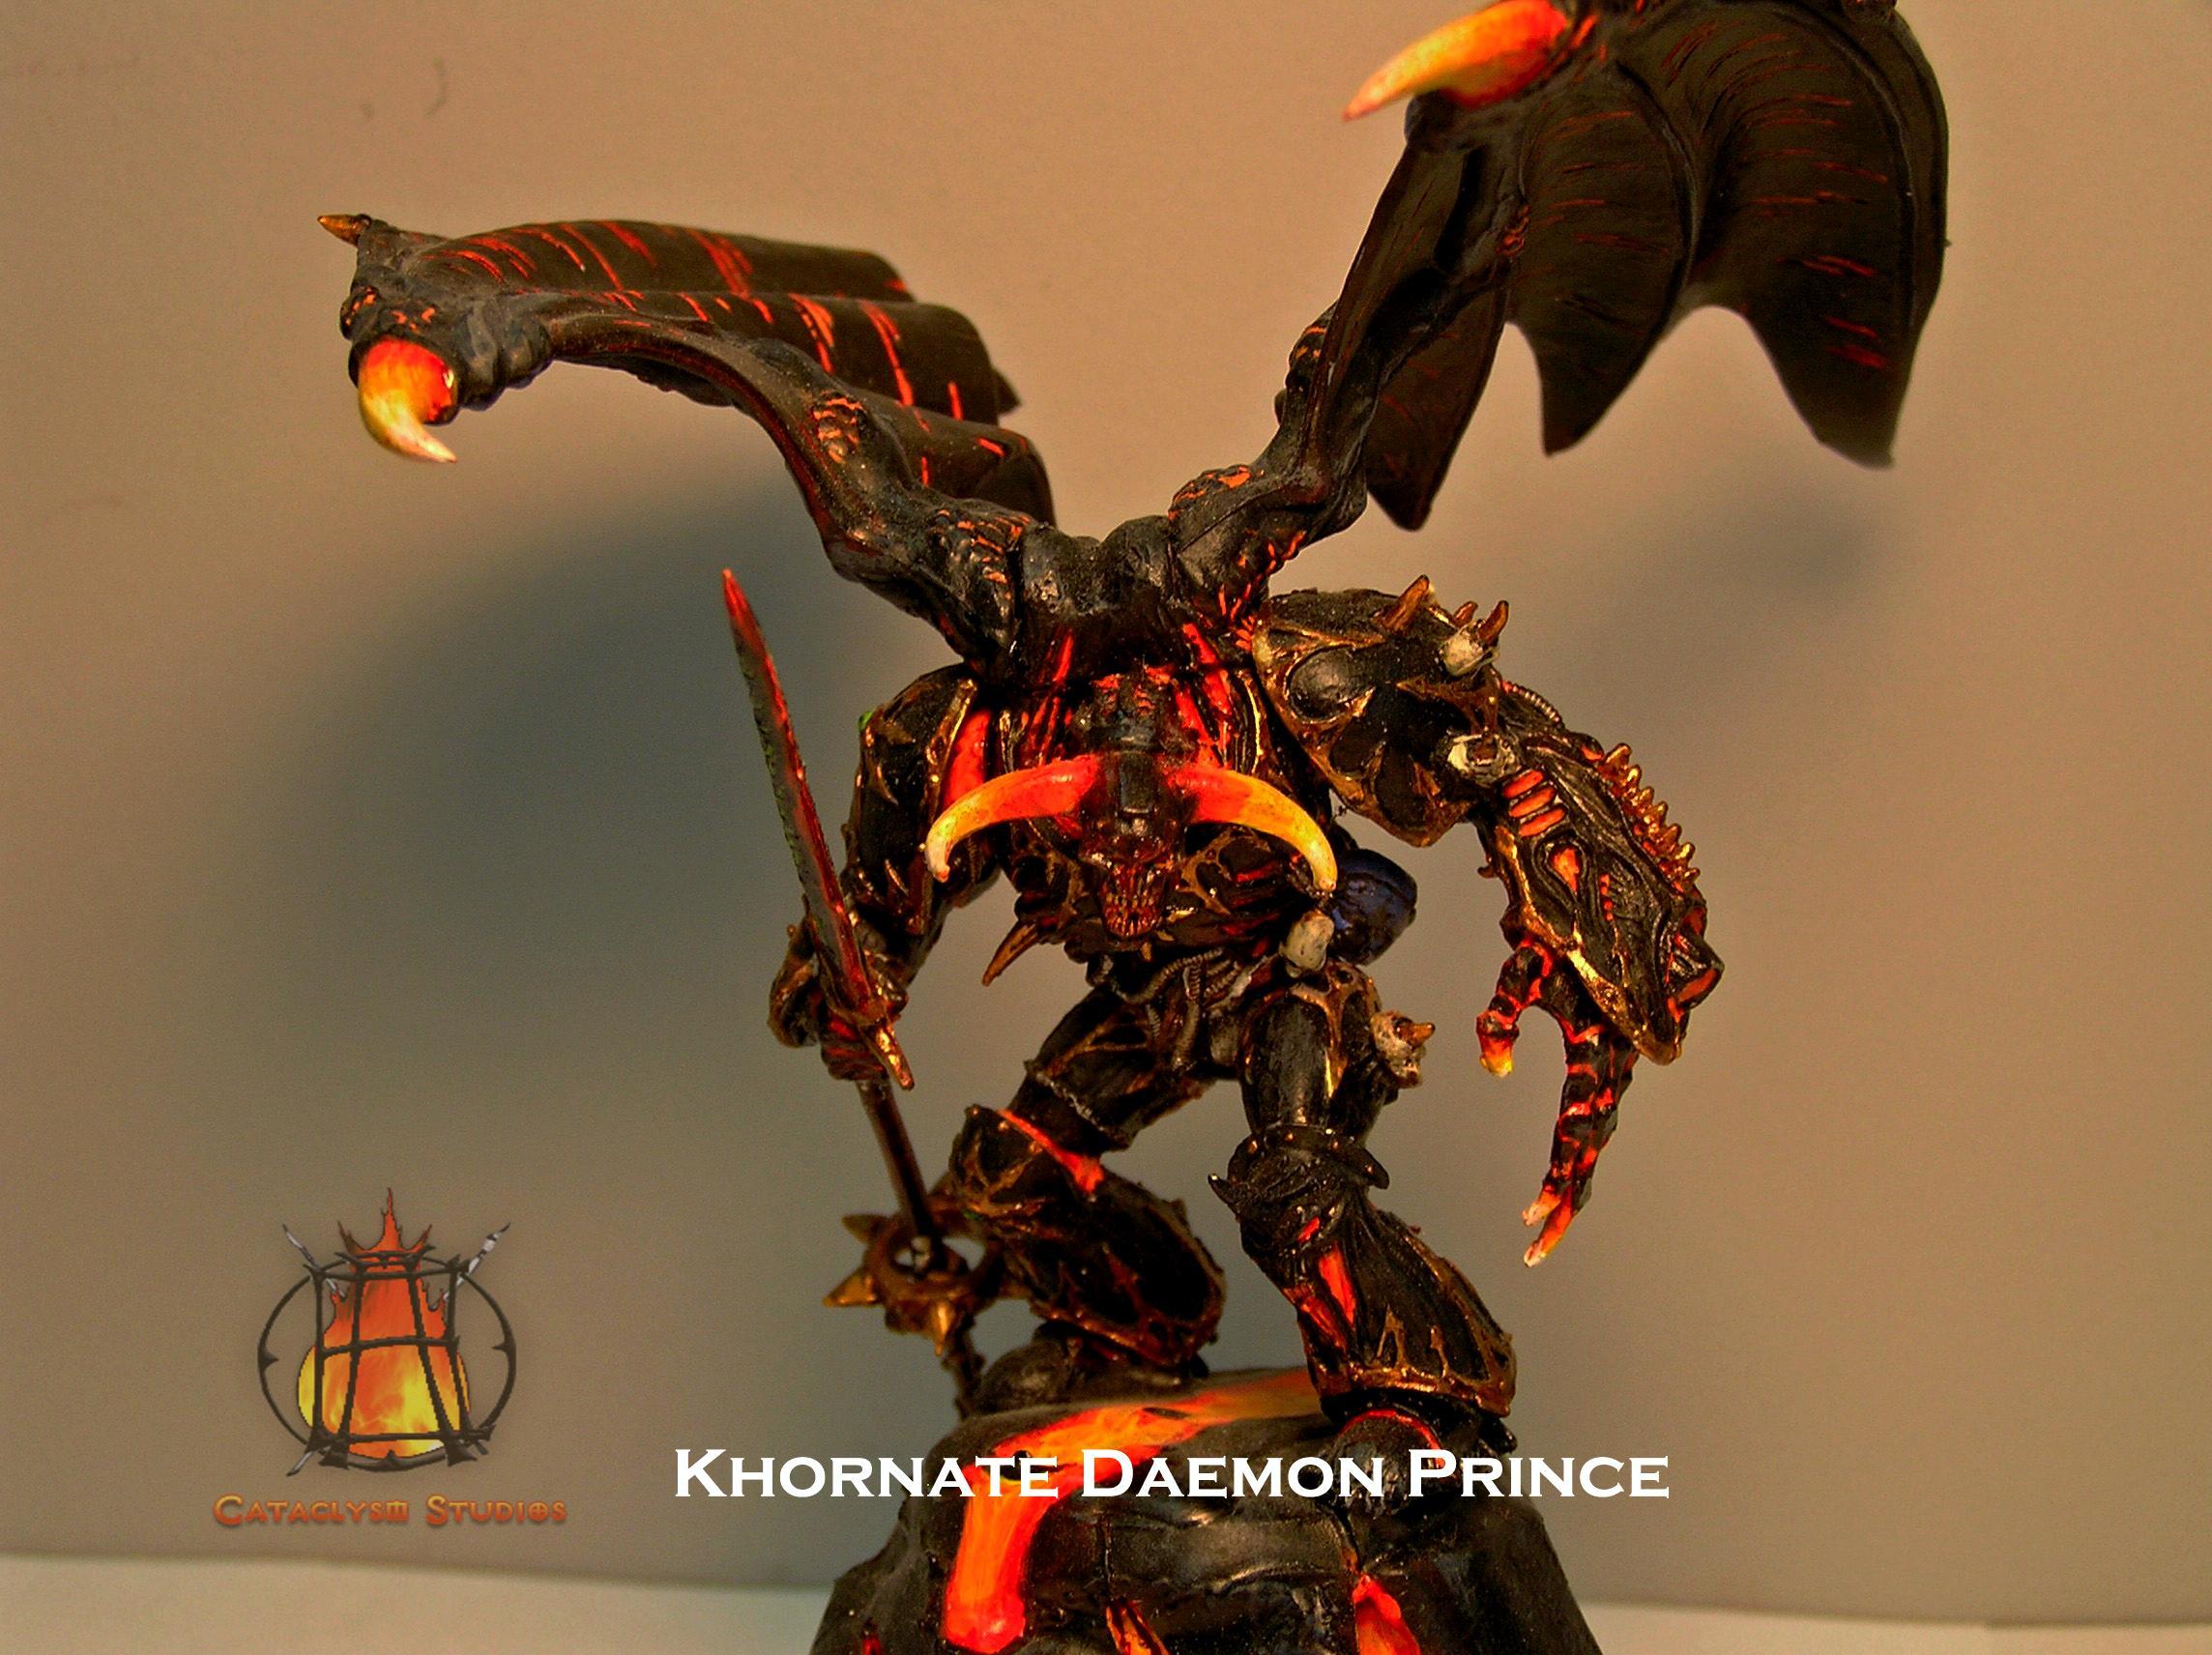 Cataclysm Studios, Chaos, Deemon Prince, Khorn, Khornate, Object Source Lighting